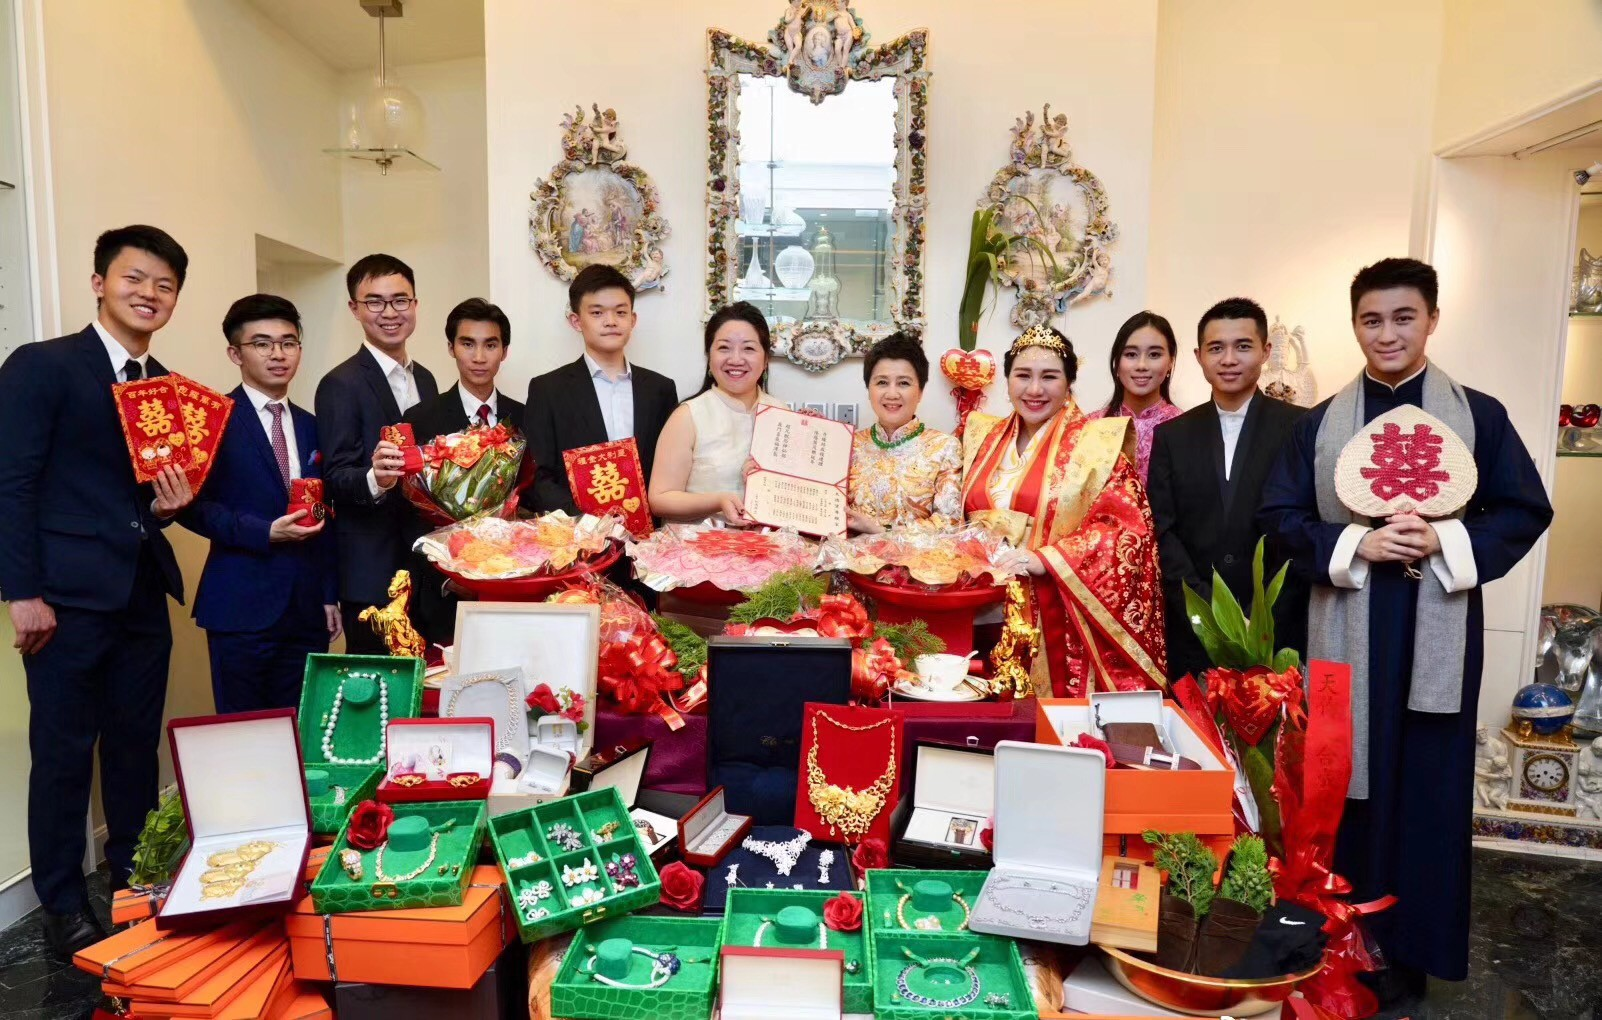 Chuyên nhà siêu giàu: Hoa mắt giá trên trời của hồi môn châu báu, biệt thự siêu sang của ái nữ trùm sòng bạc Macau - Ảnh 5.